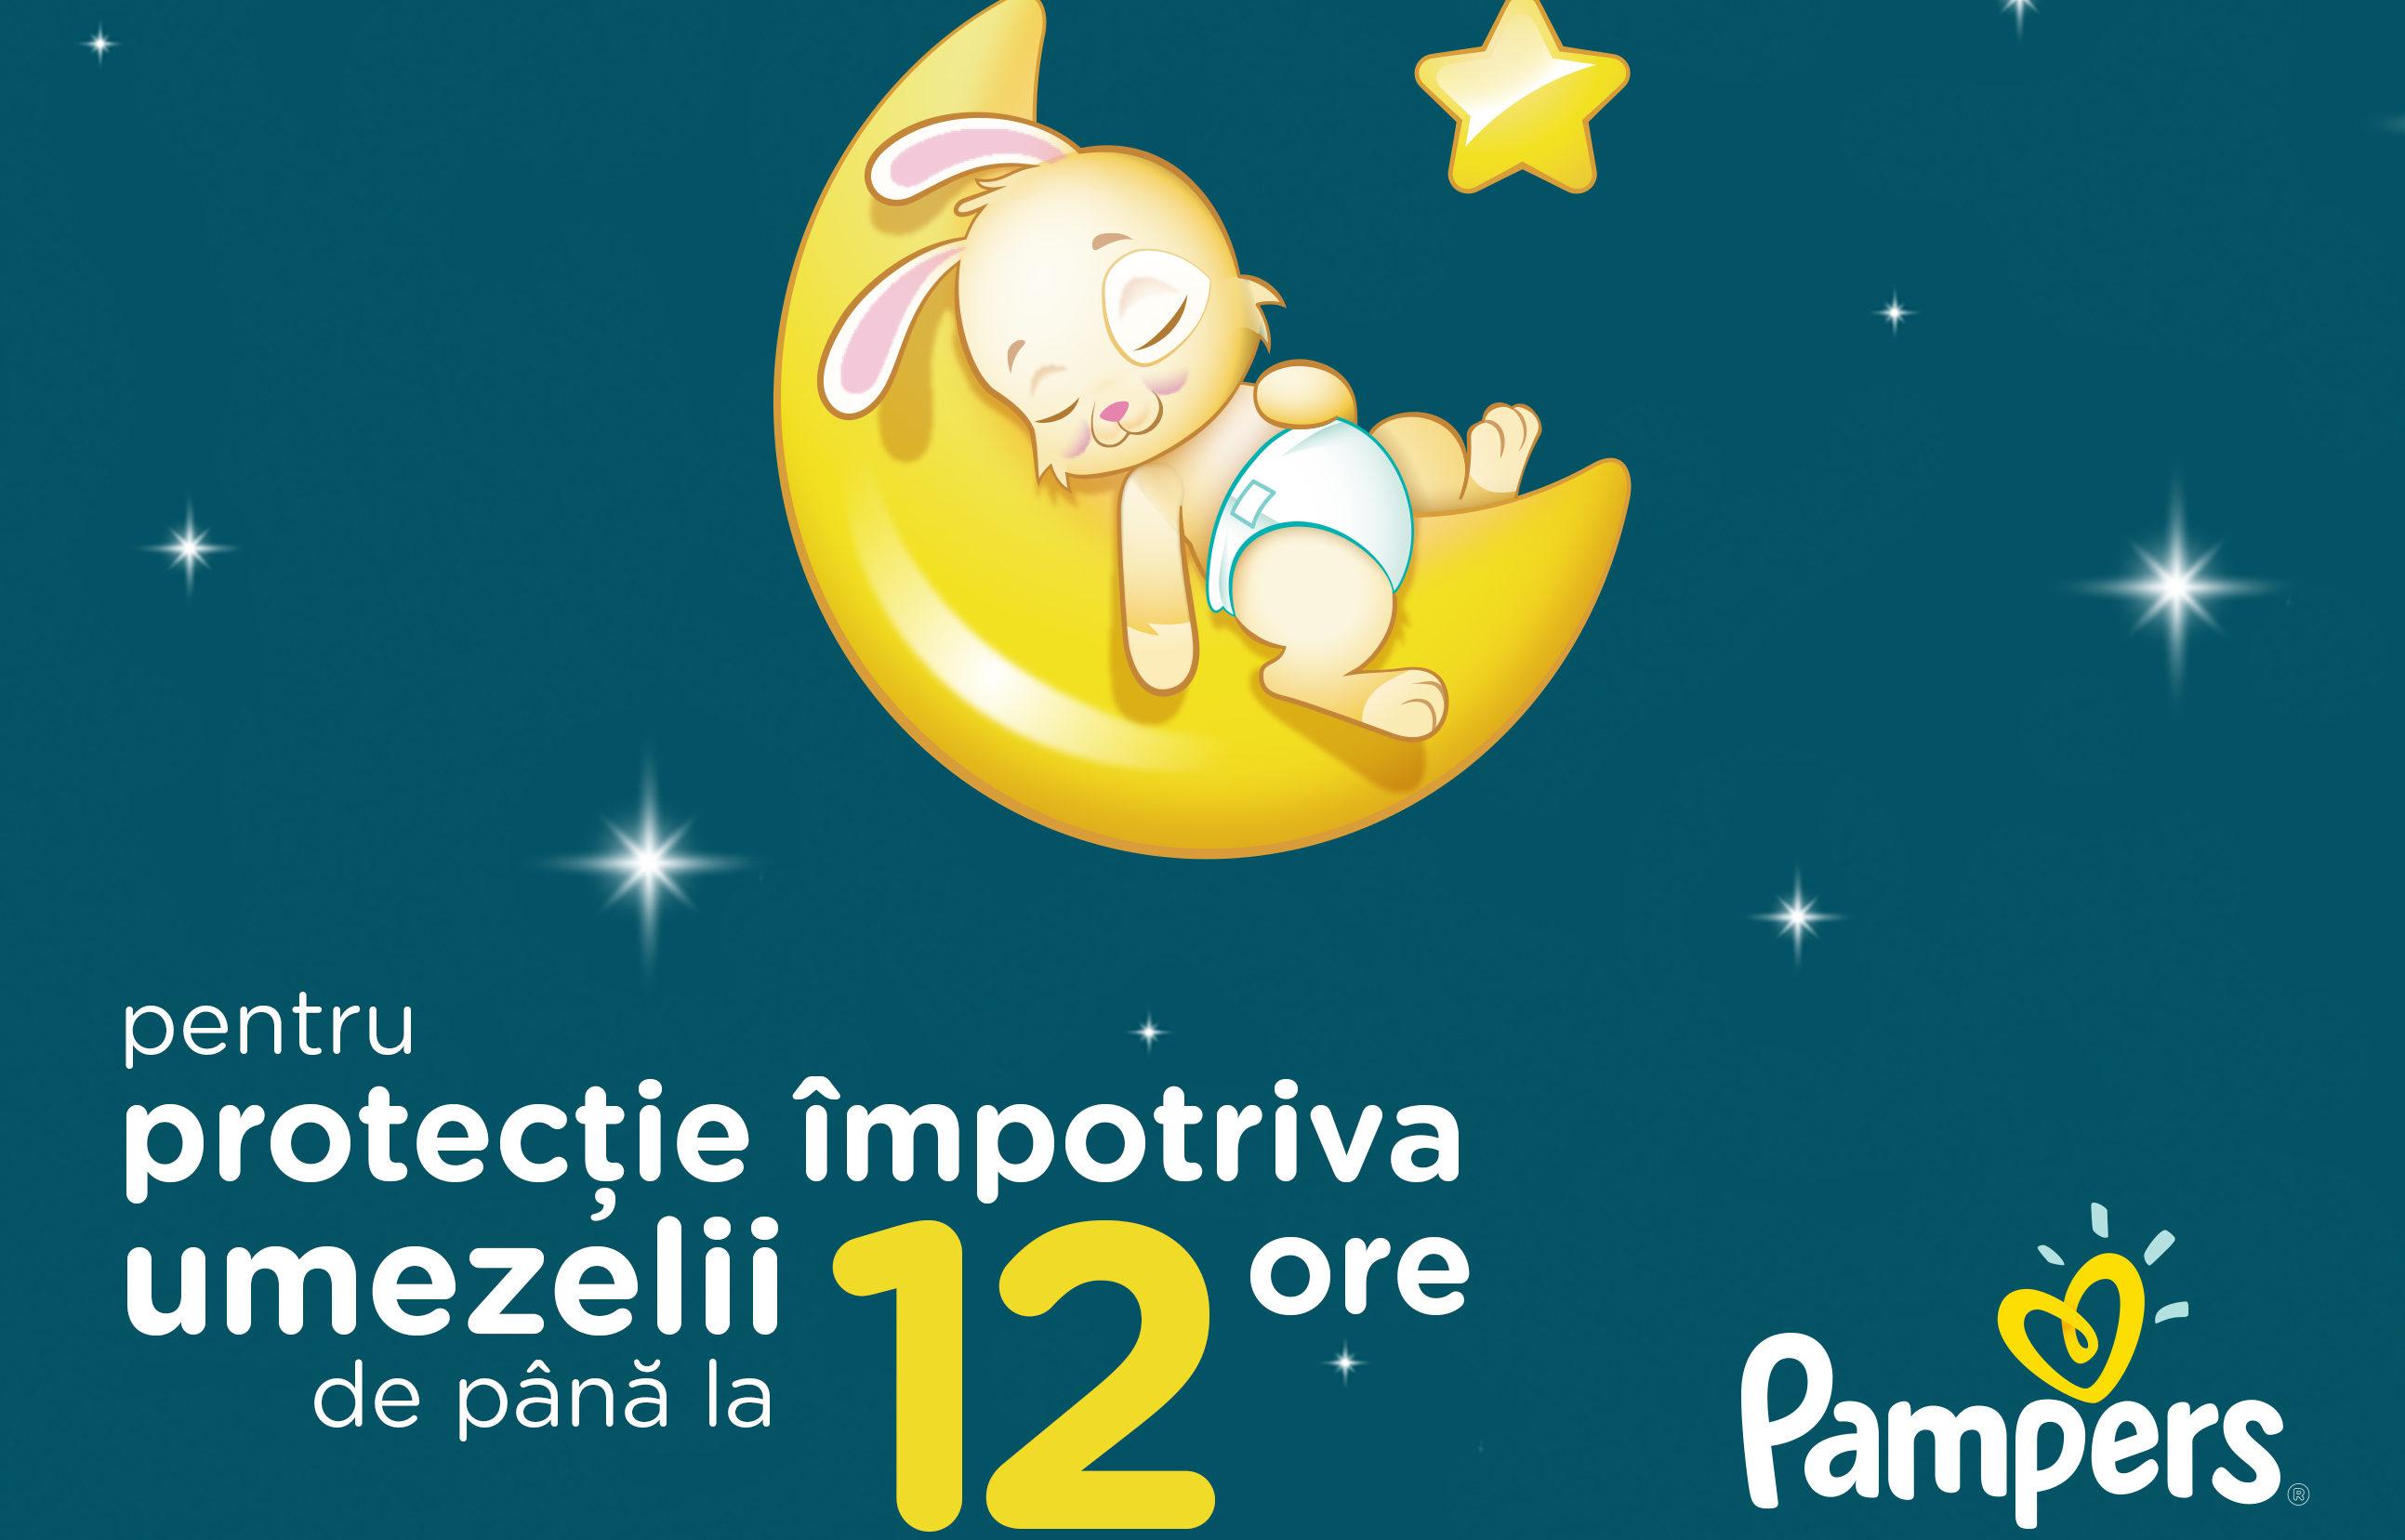 Pampers - Noapte bună grijilor